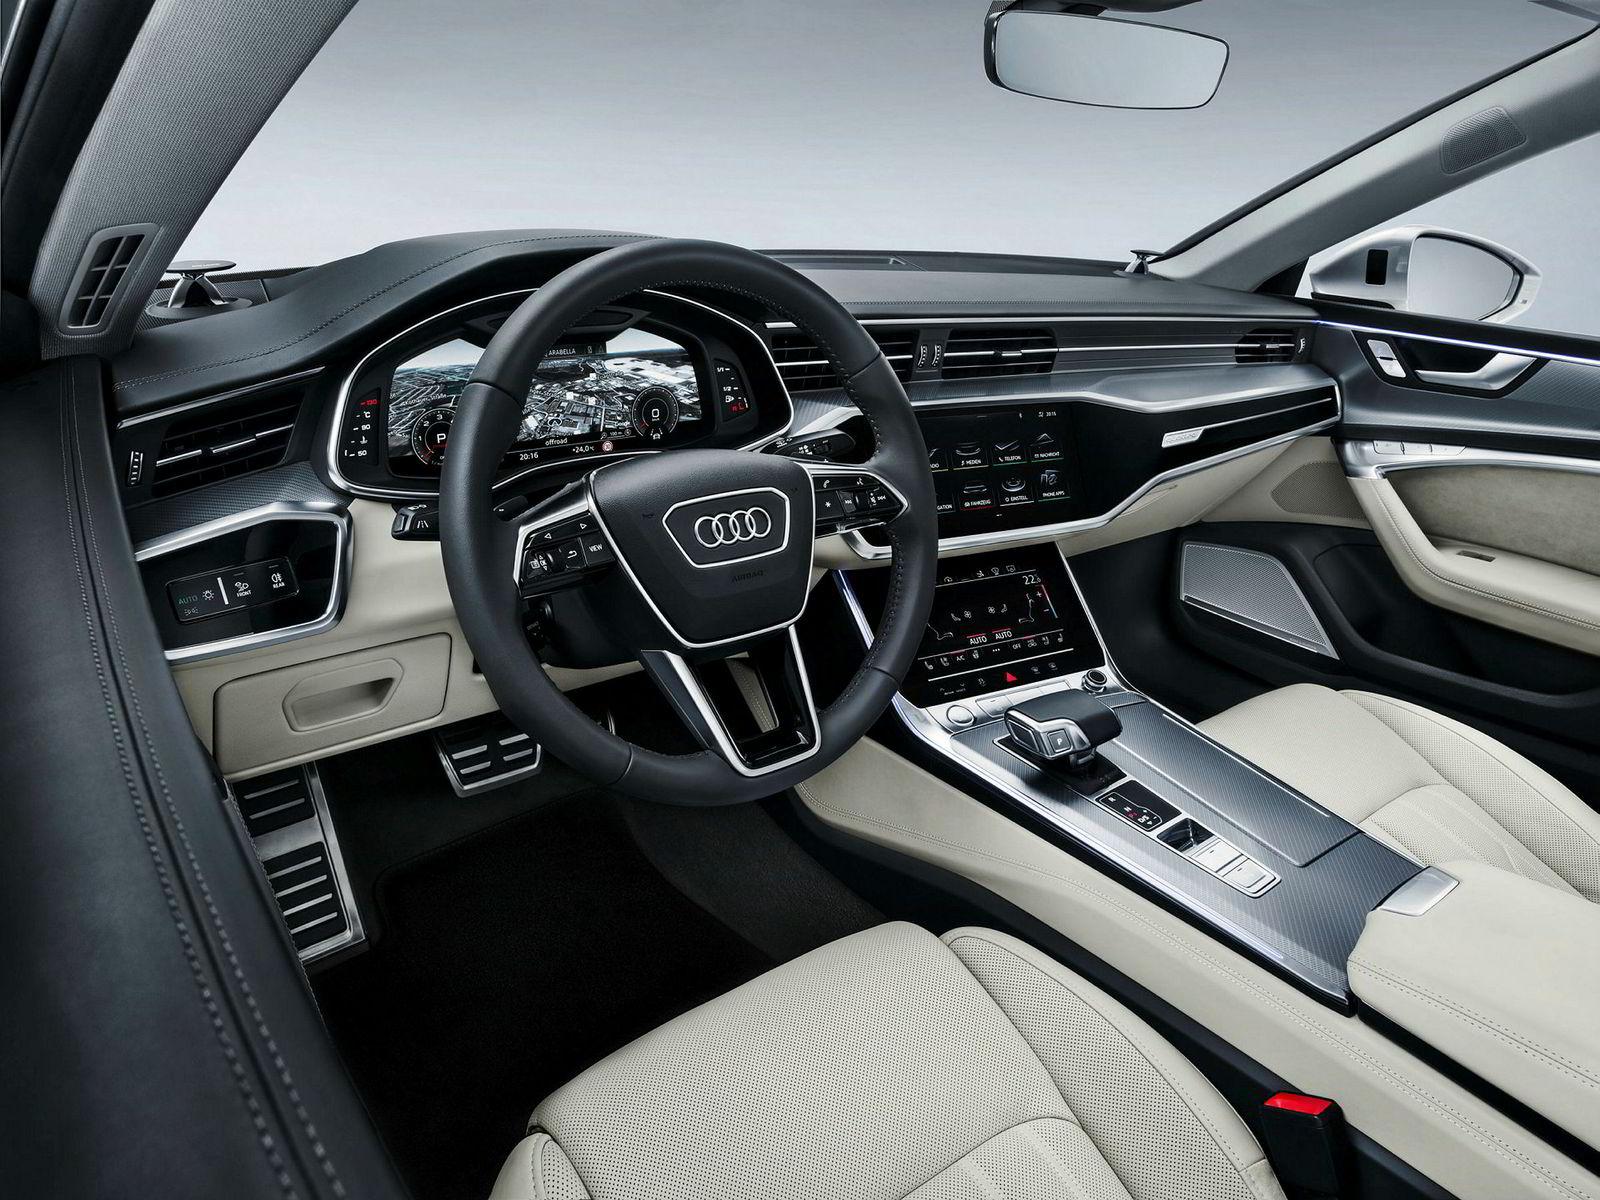 Audi A7 er åpenbart ganske moderne innvendig.